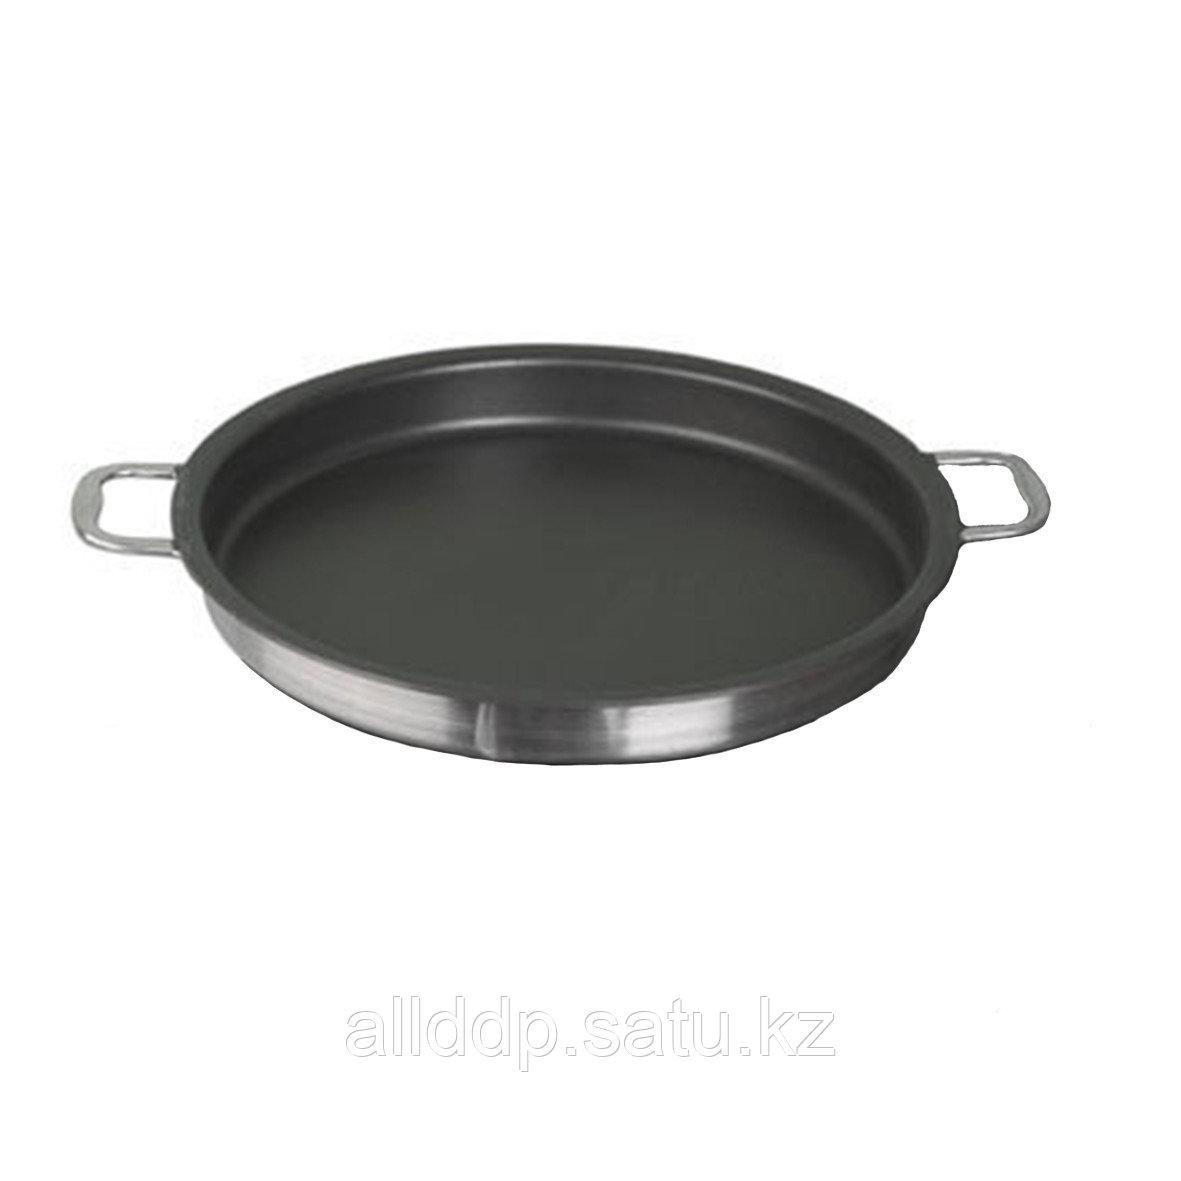 Сковорода профессиональная с тефл. покрытием, низкие борта,36 см